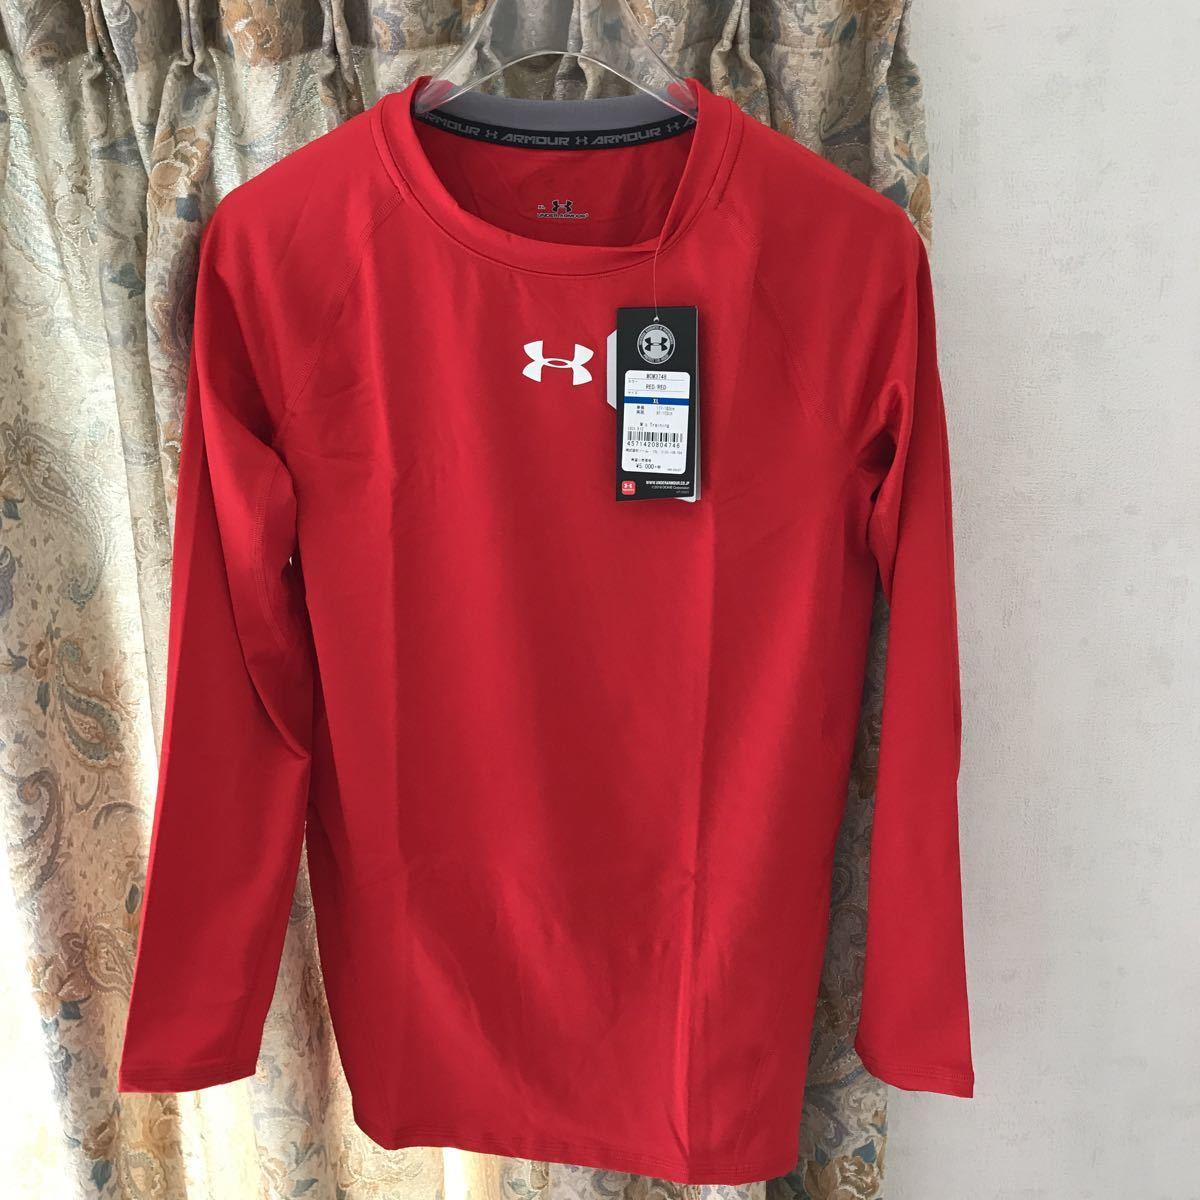 2点新品アンダーアーマー インナーシャツ レッド XLサイズ ヒートギア コンプレッション野球 サッカー バスケ ランニング フットサル